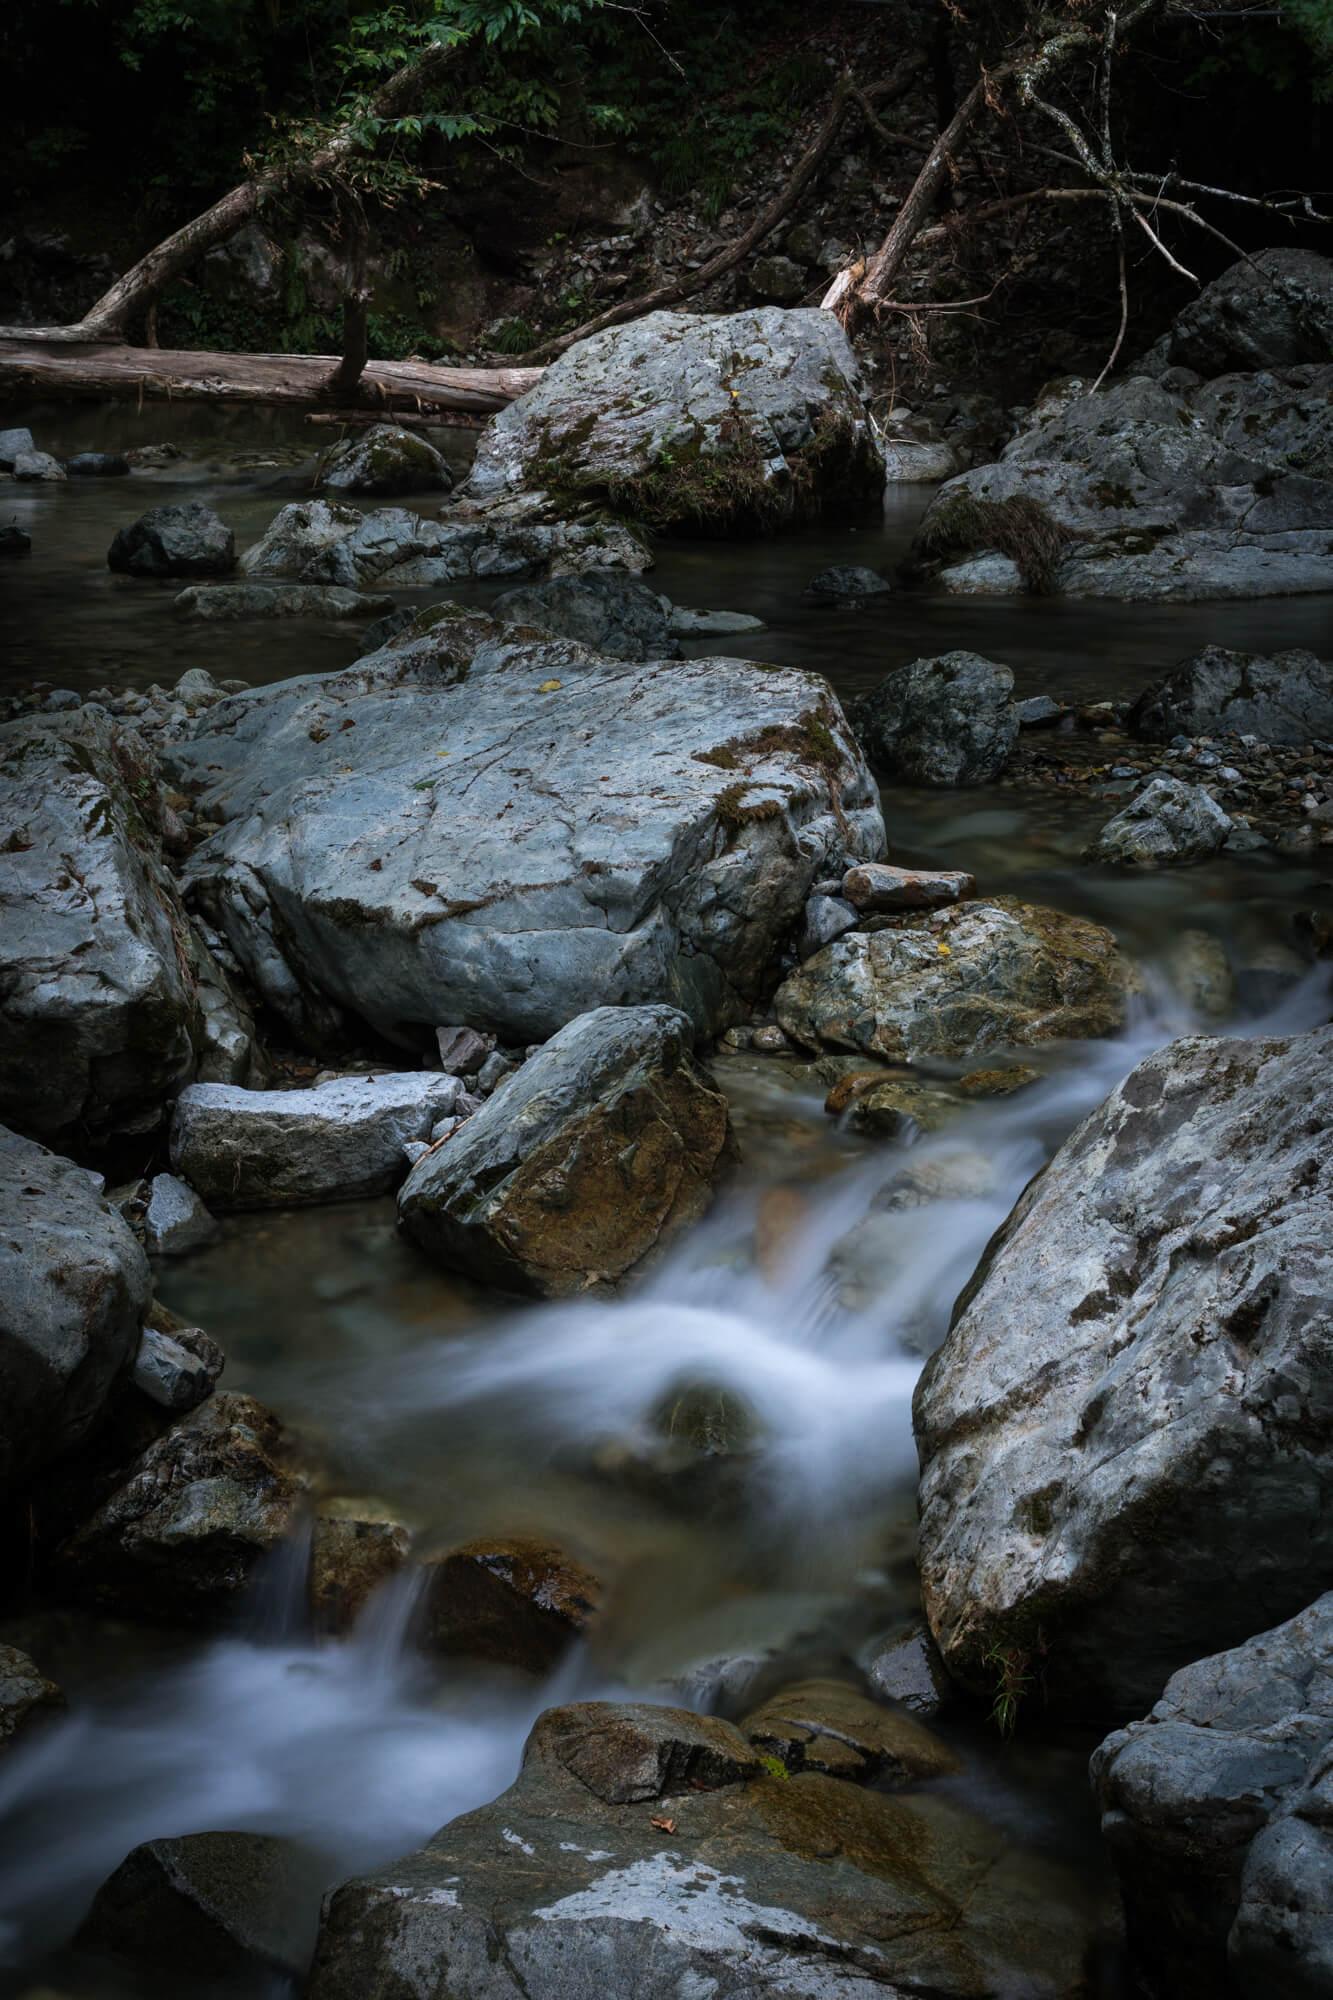 ND200を使って撮った原不動の川